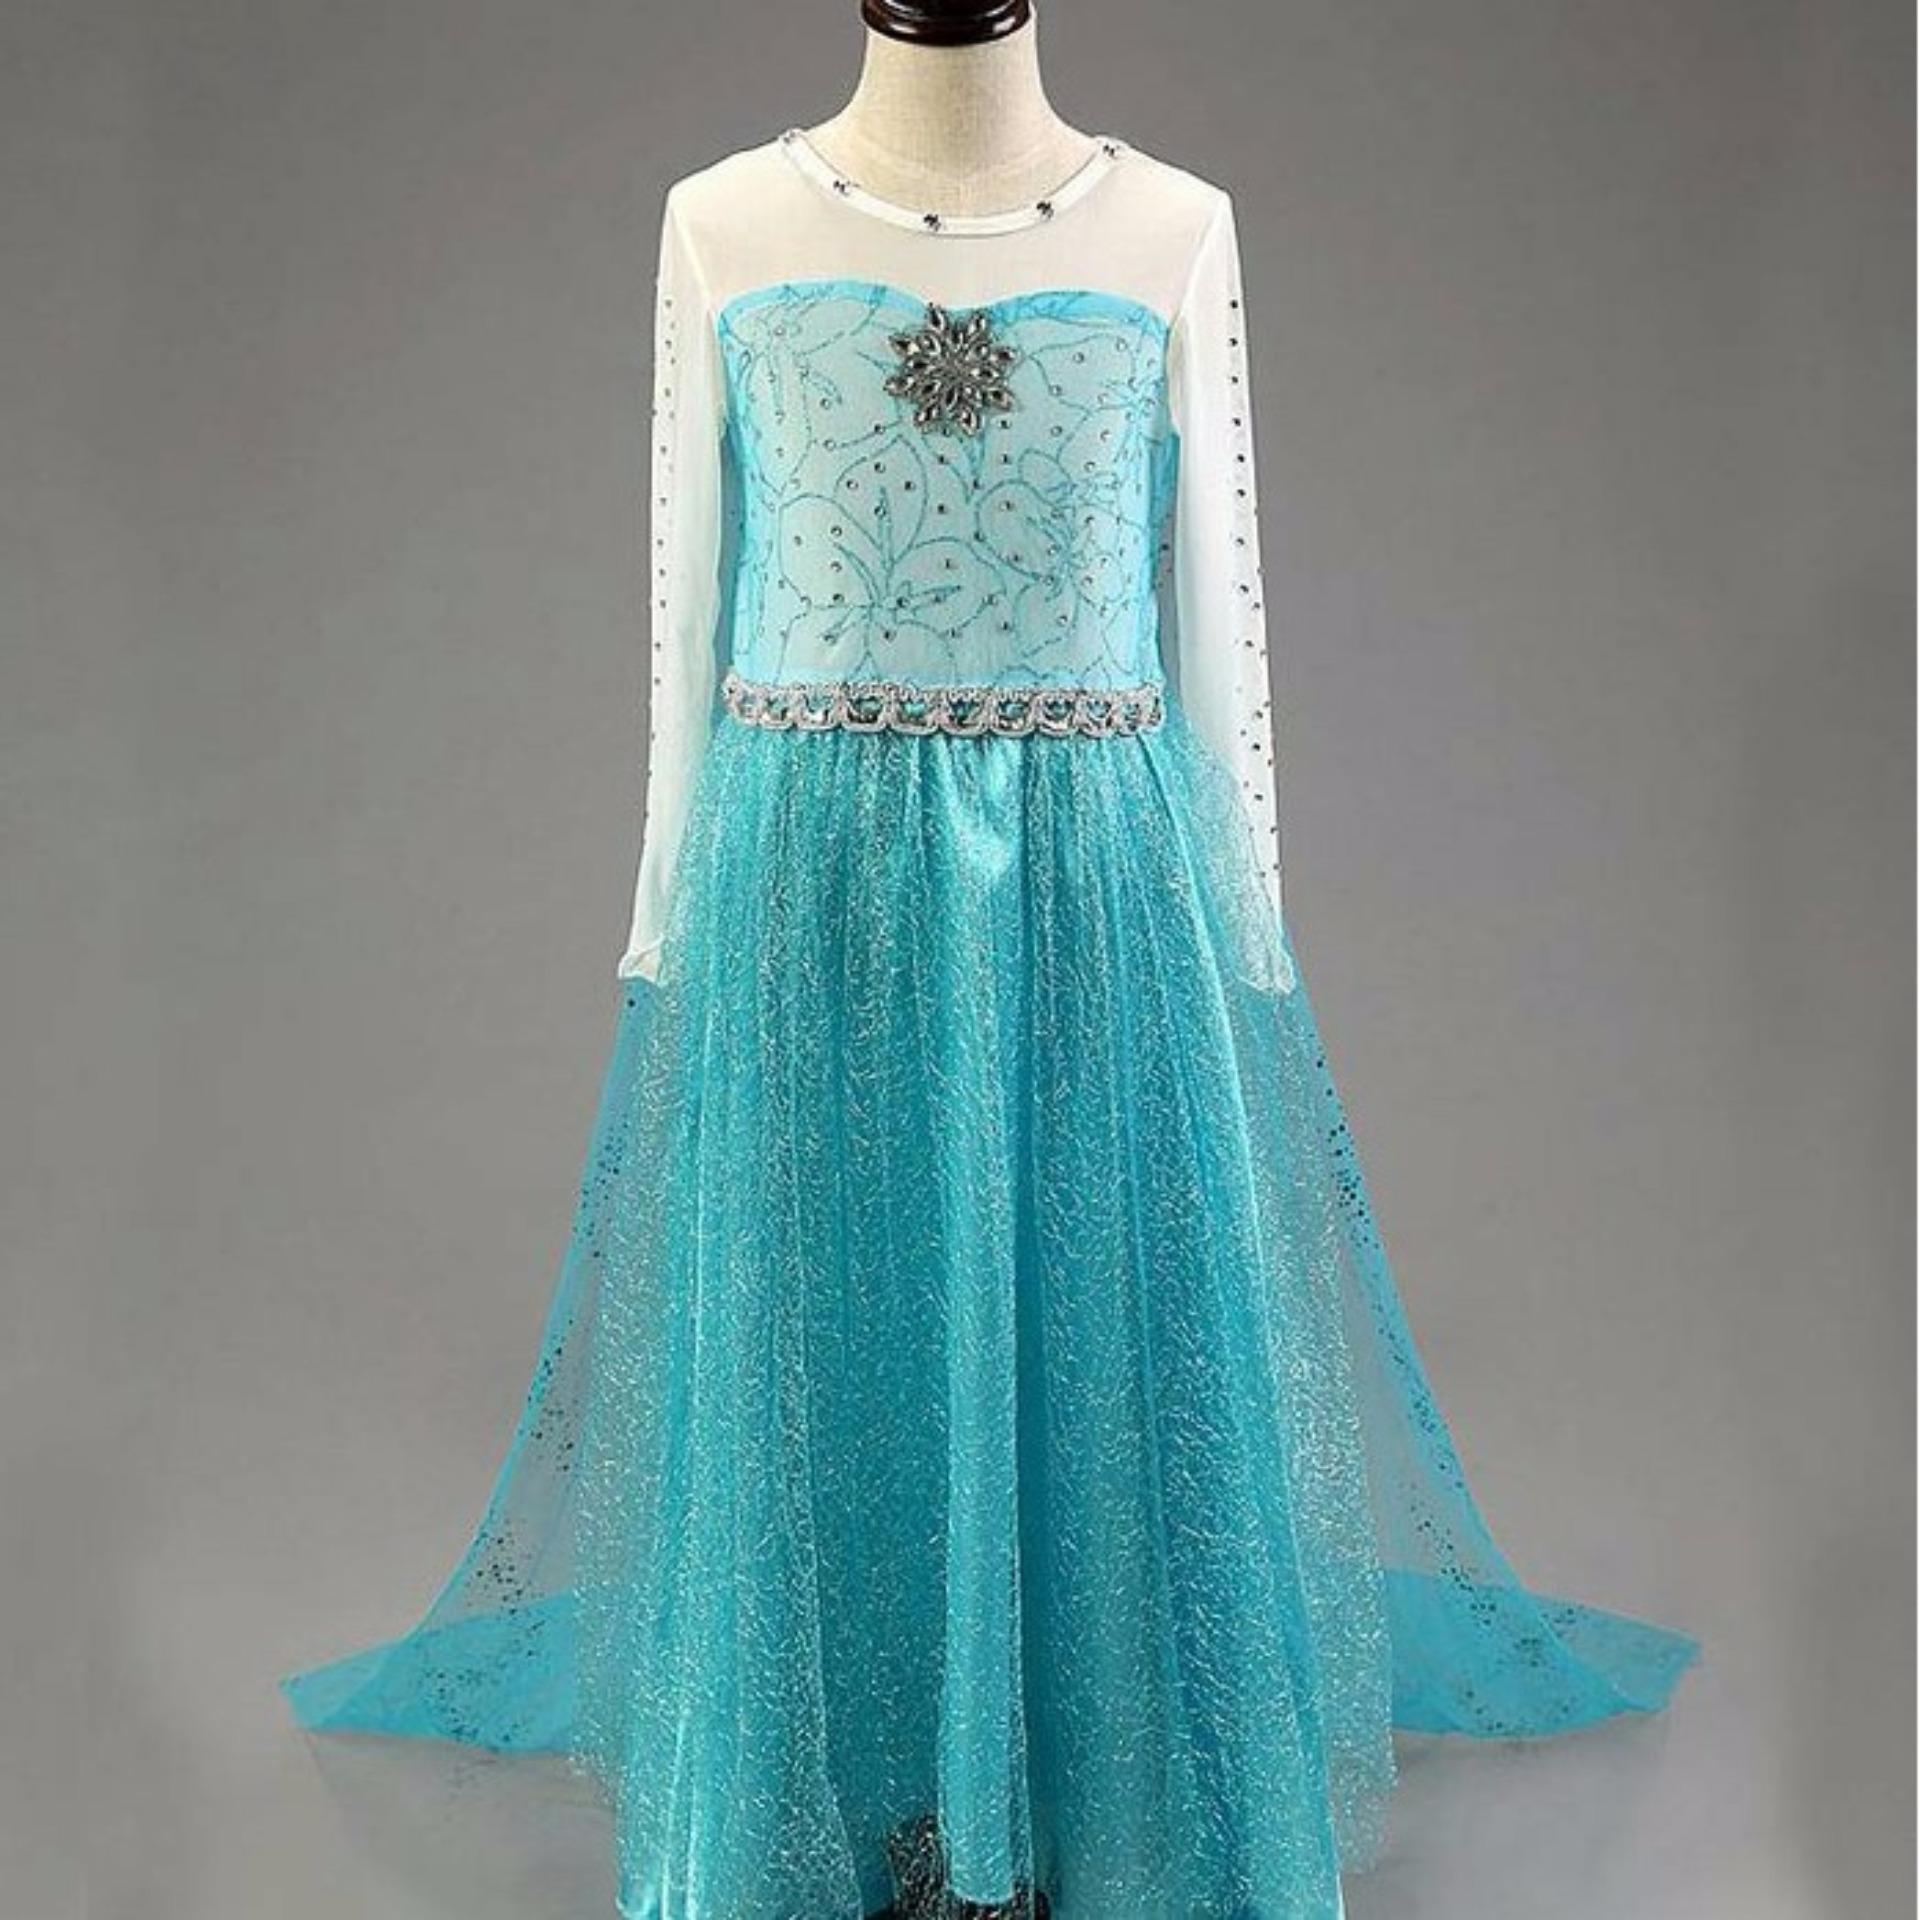 Baju Dress Frozen Elsa Anak Usia 3-8 Tahun